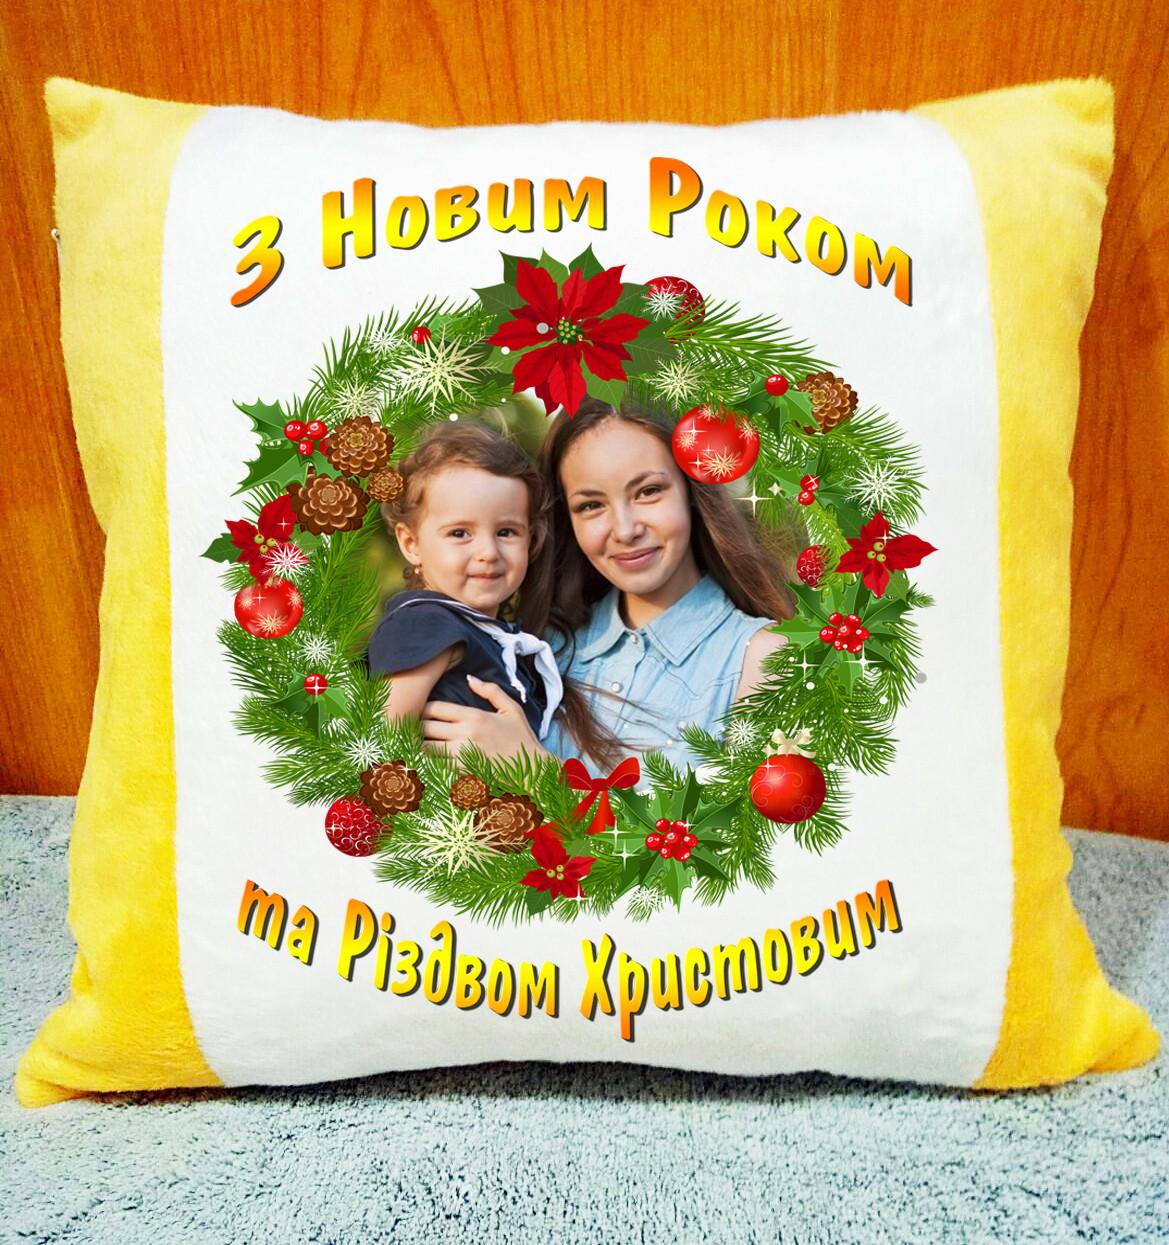 Подушка плюшевая с фото. Подарок на Новый Год и Рождество